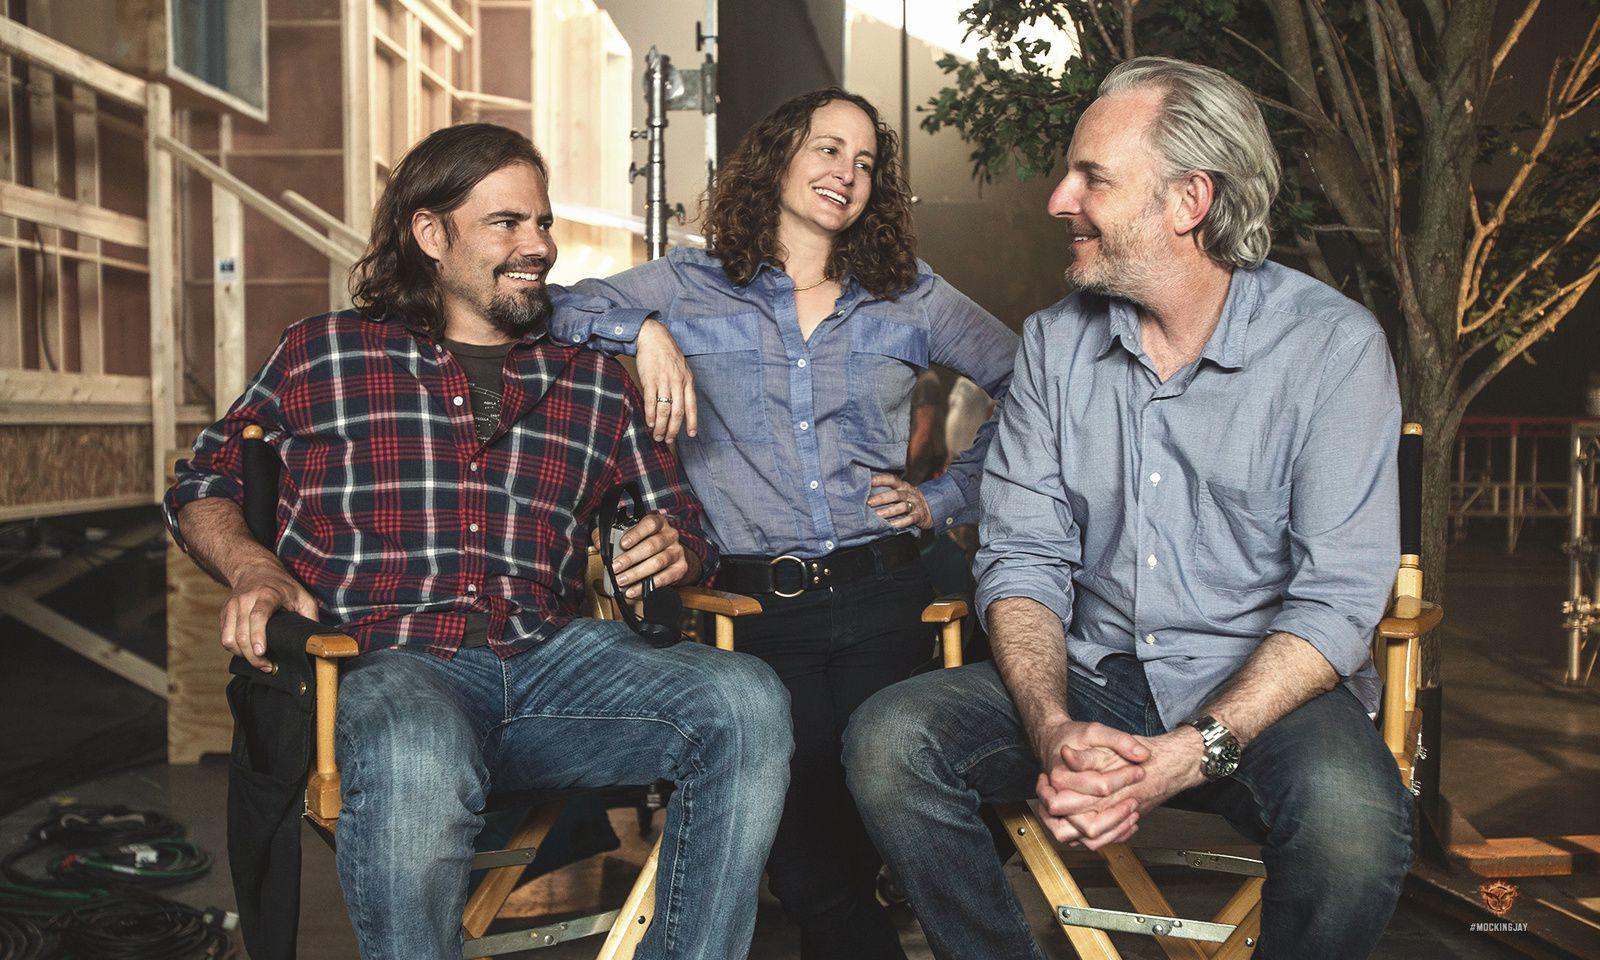 Francis Lawrence (Regisseur), Nina Jacobson (Produzentin) und Drehbuchautor Peter Craig (von rechts nach links!) am Set